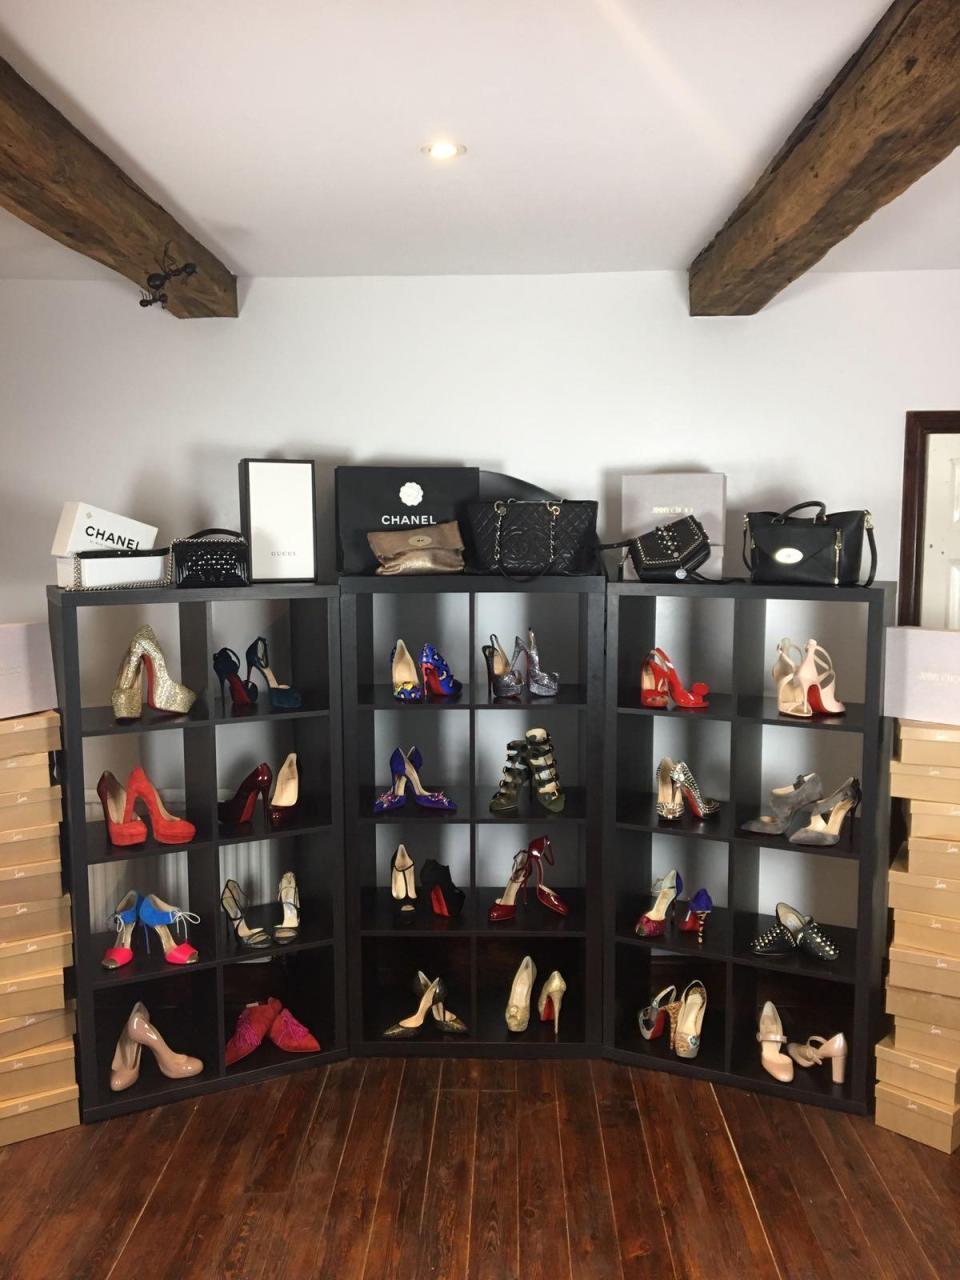 瓊斯特別愛品牌鞋,Christian Louboutin是她的最愛。 擷自太陽報